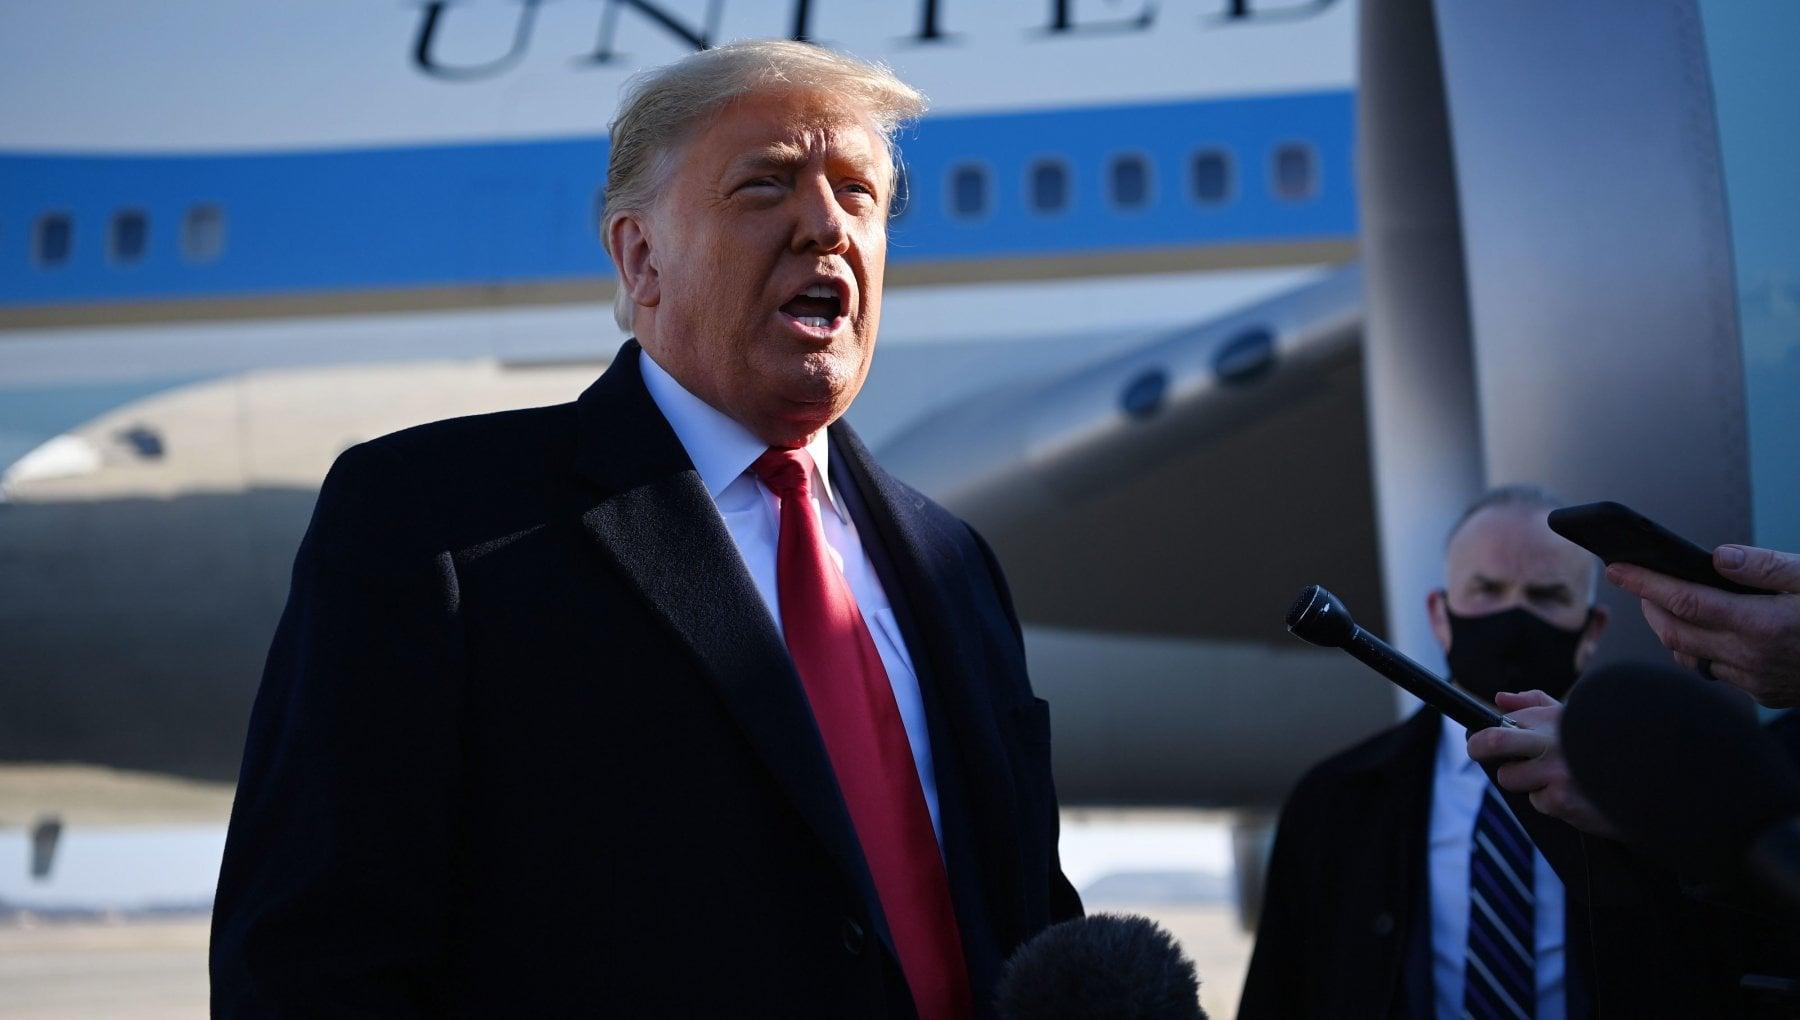 Trump La procedura di impeachment contro di me e ridicola